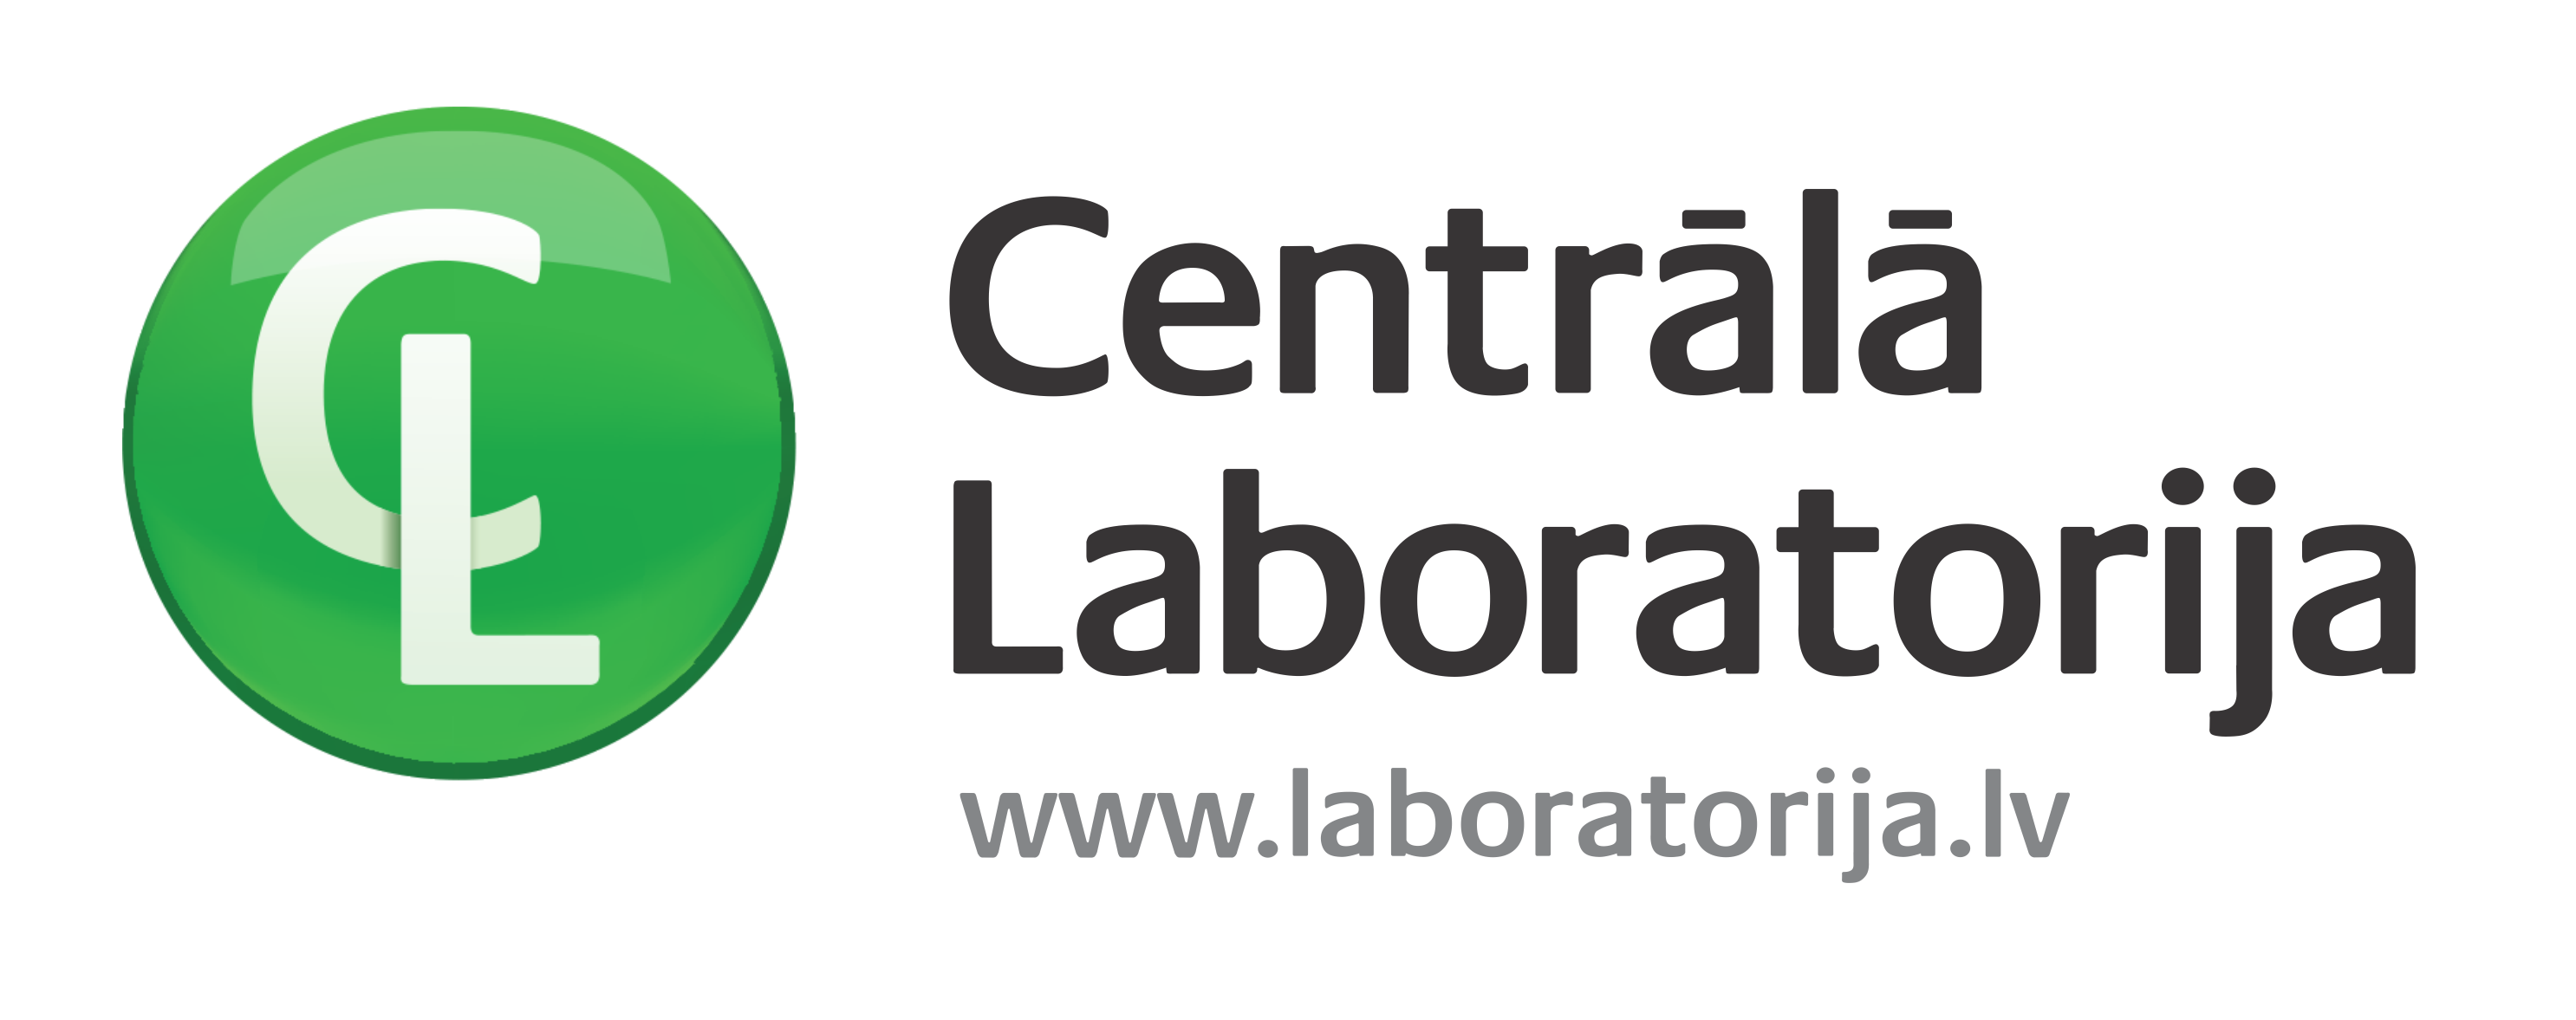 centrala-laboratorija-logo